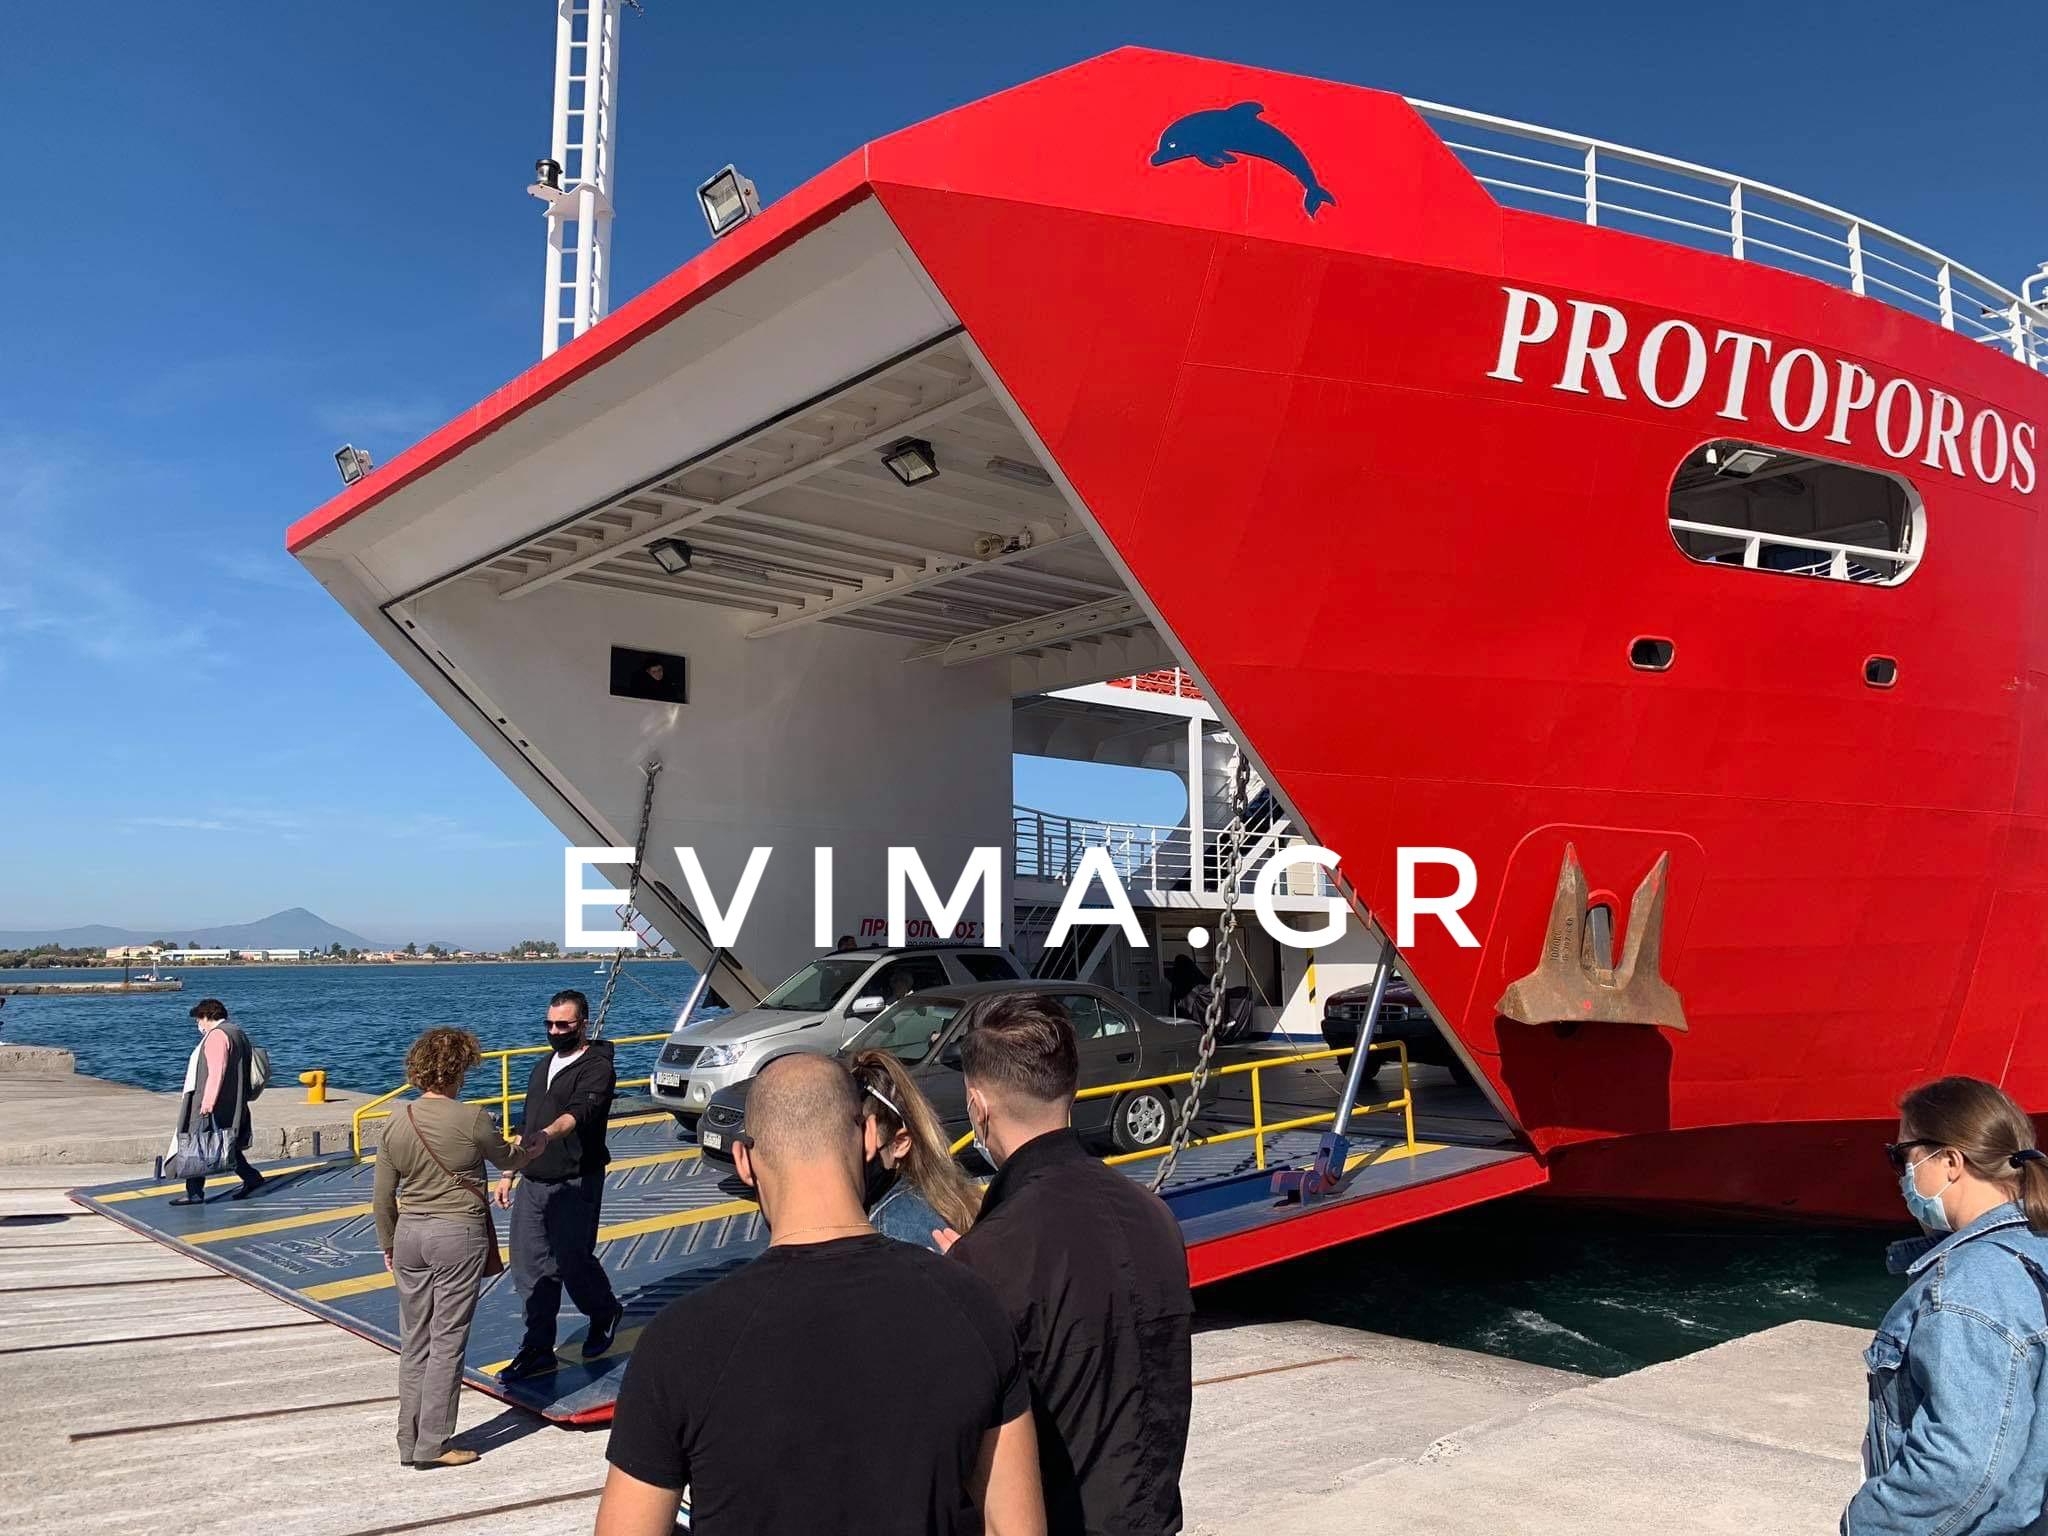 Εύβοια: Πρώτη επιλογή των εκδρομών για ακόμη ένα Σαββατοκύριακο (Εικόνες)